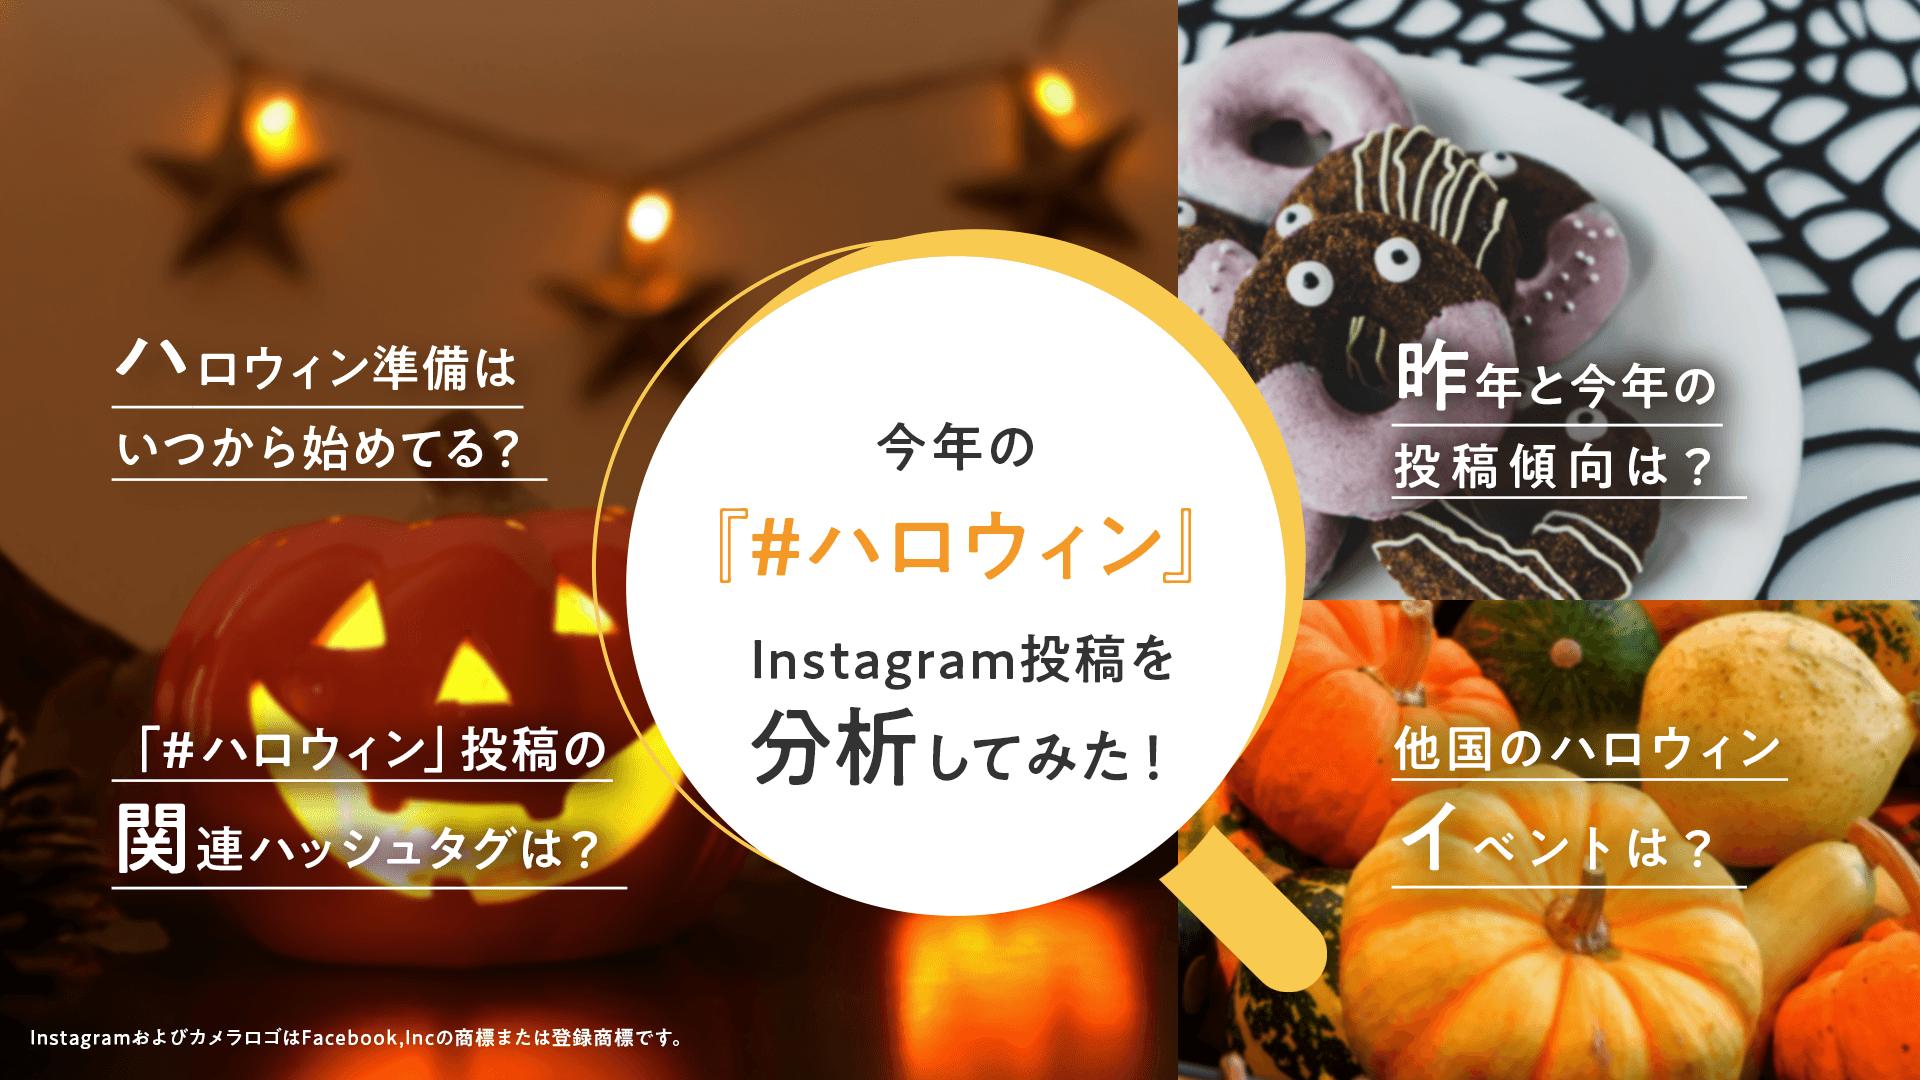 今年の『#ハロウィン』Instagram投稿を分析してみた!